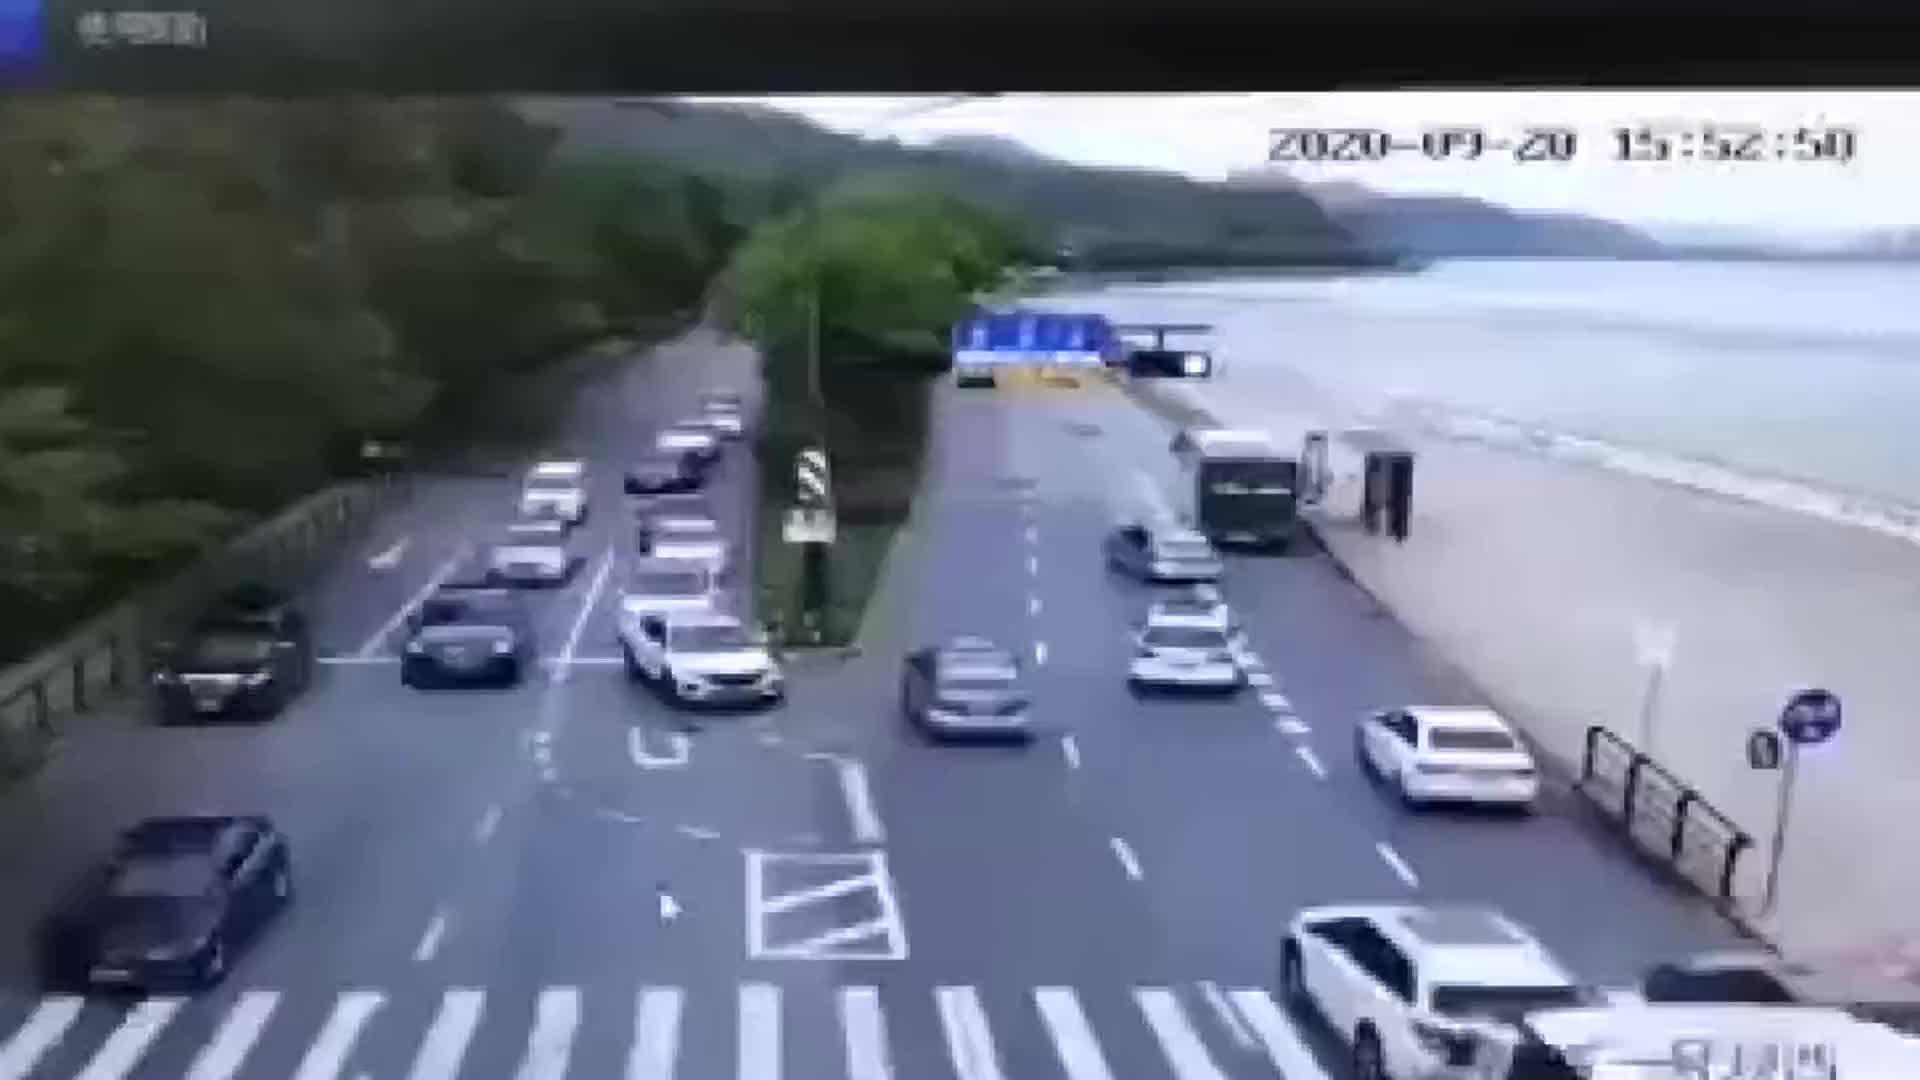 钱塘江潮水涌上路面,多车瞬间被冲跑